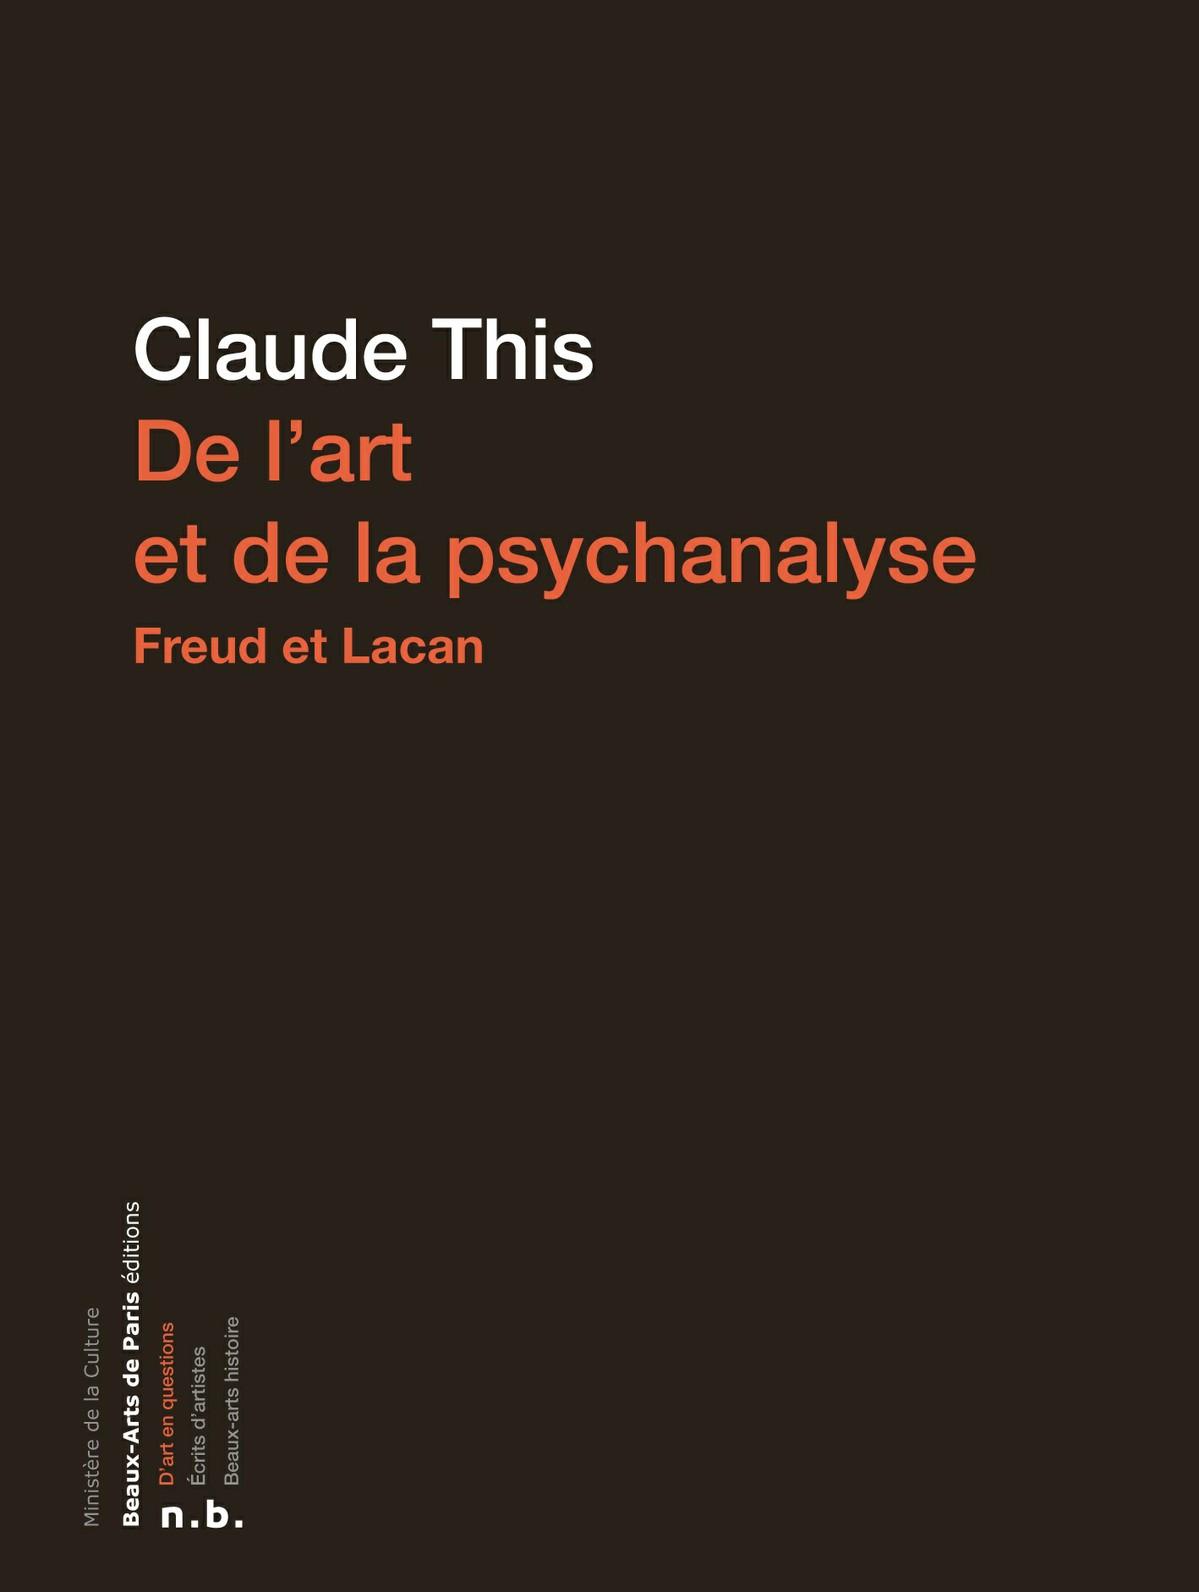 De l'art et de la psychanalyse